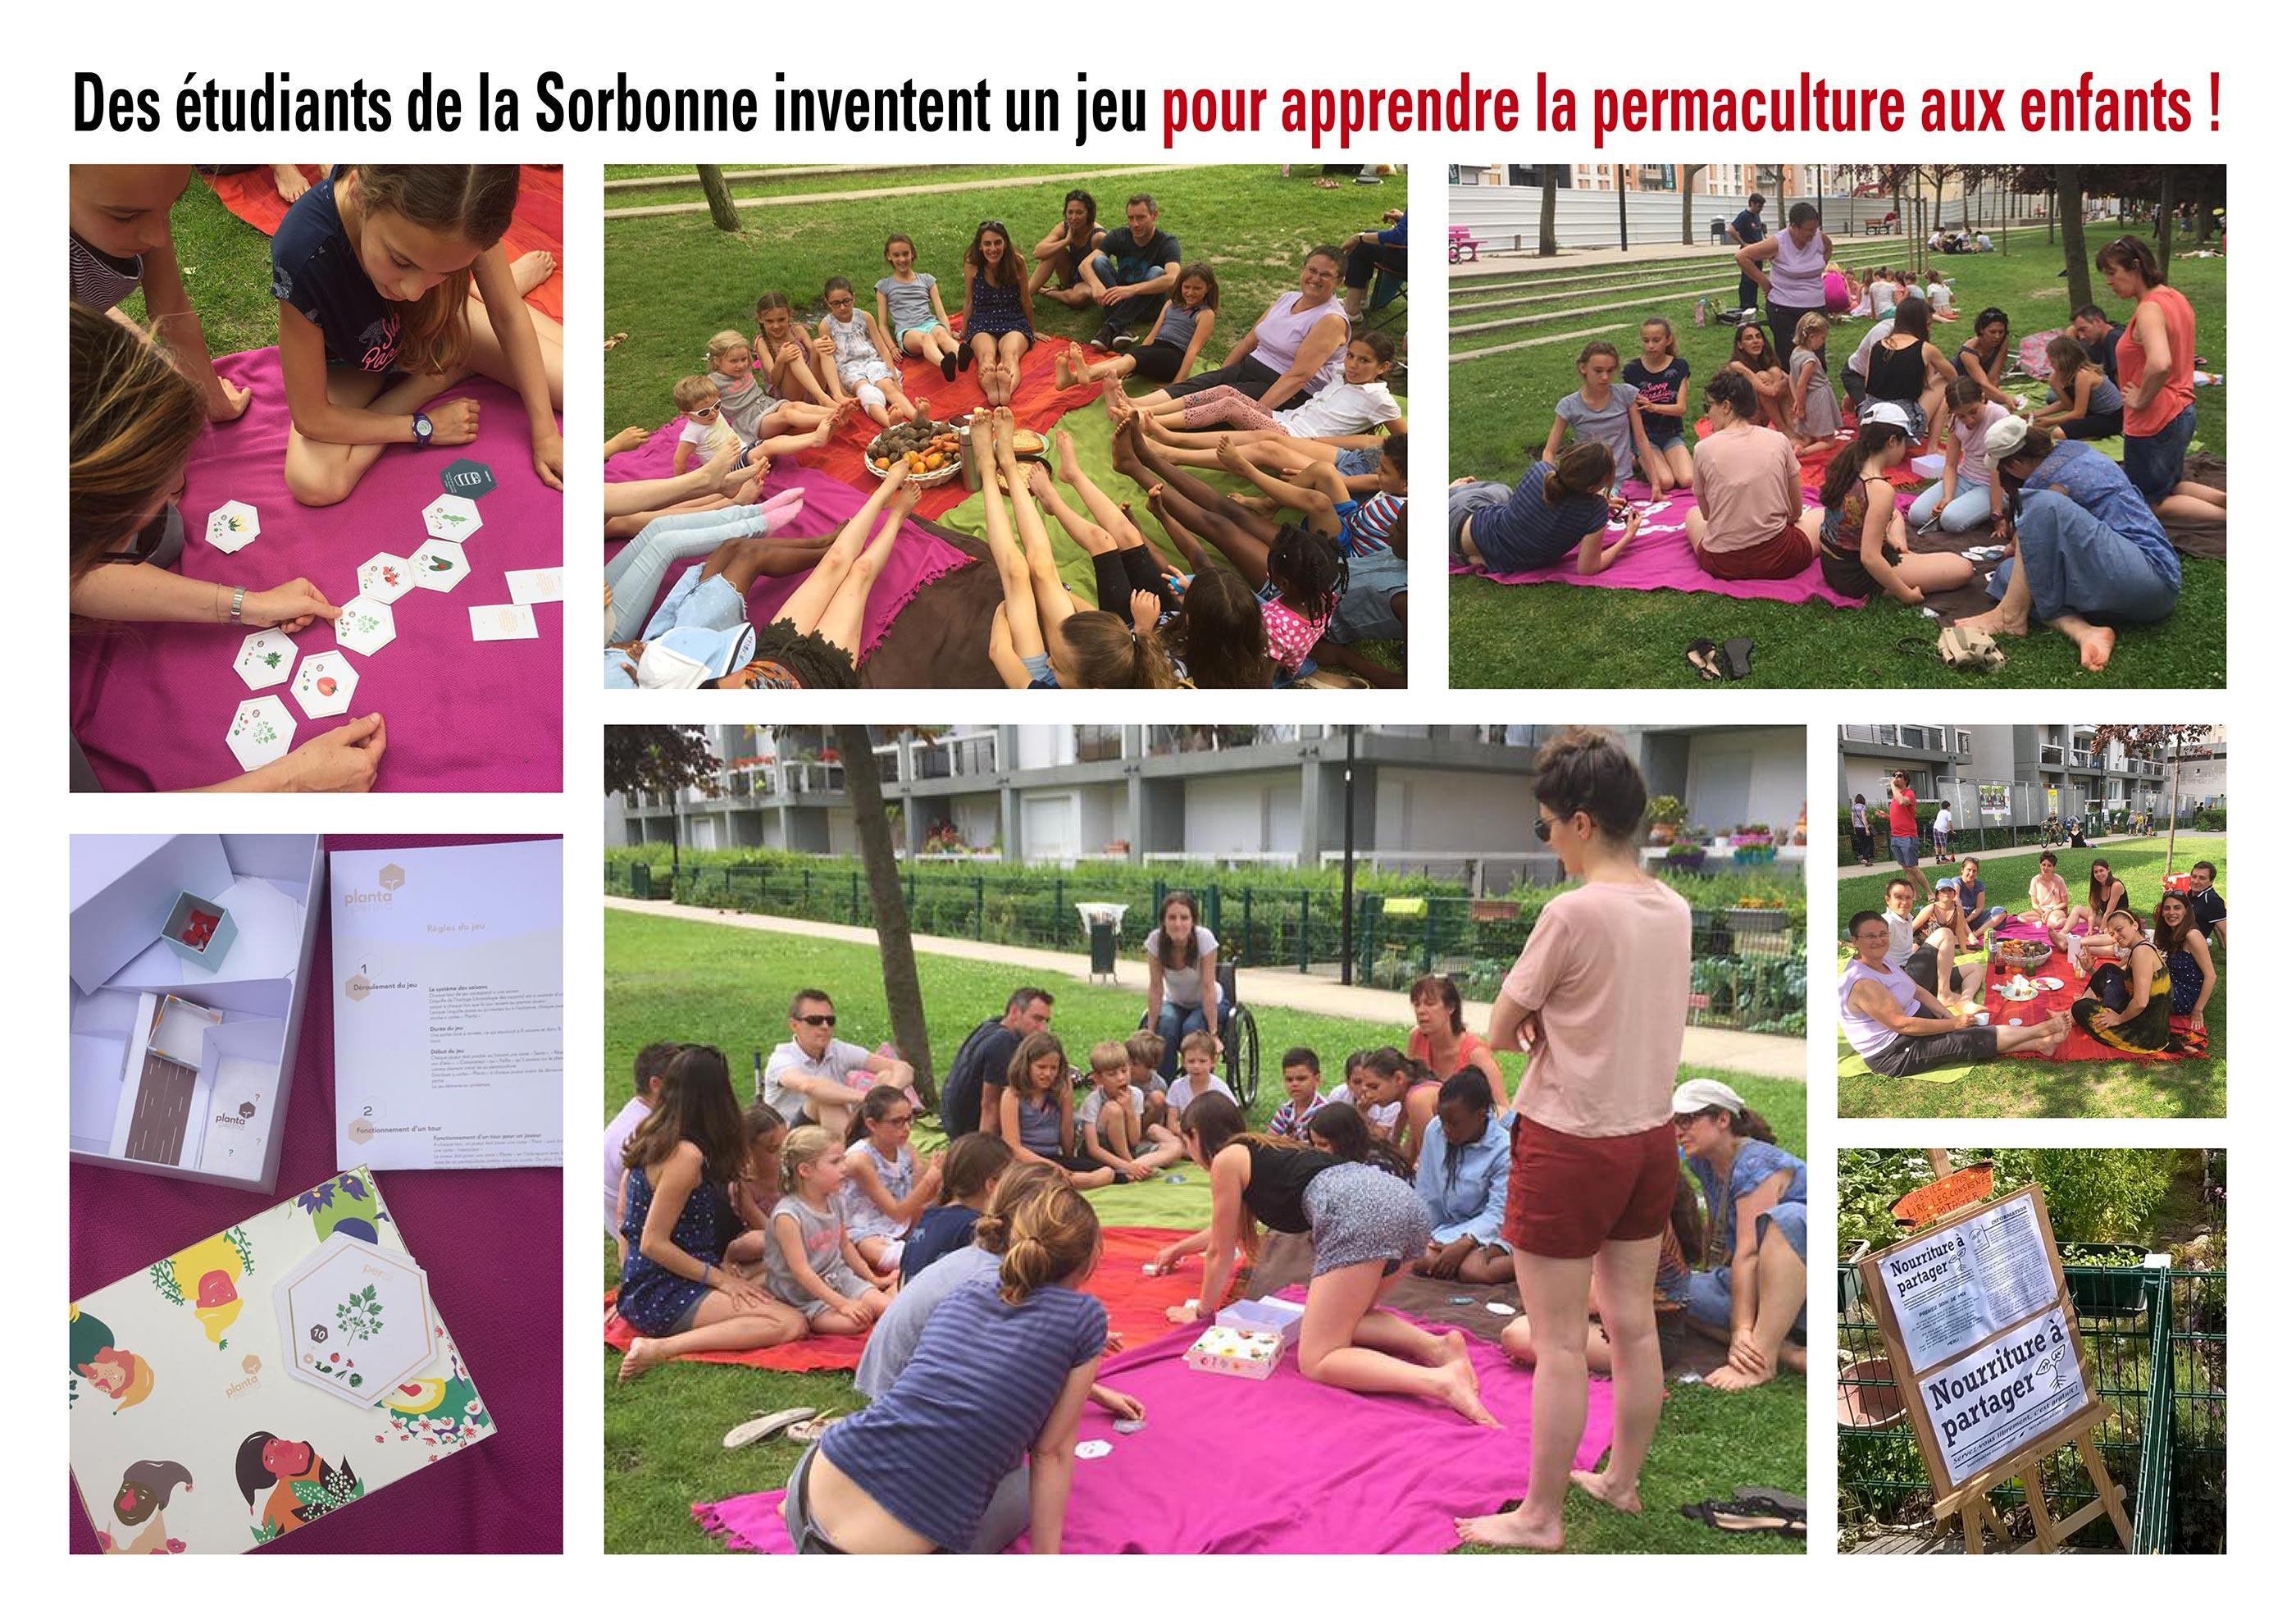 Des tudiants de la sorbonne inventent un jeu sur la permaculture universit francophone de l - Cuisine darty modele sorbonne ...